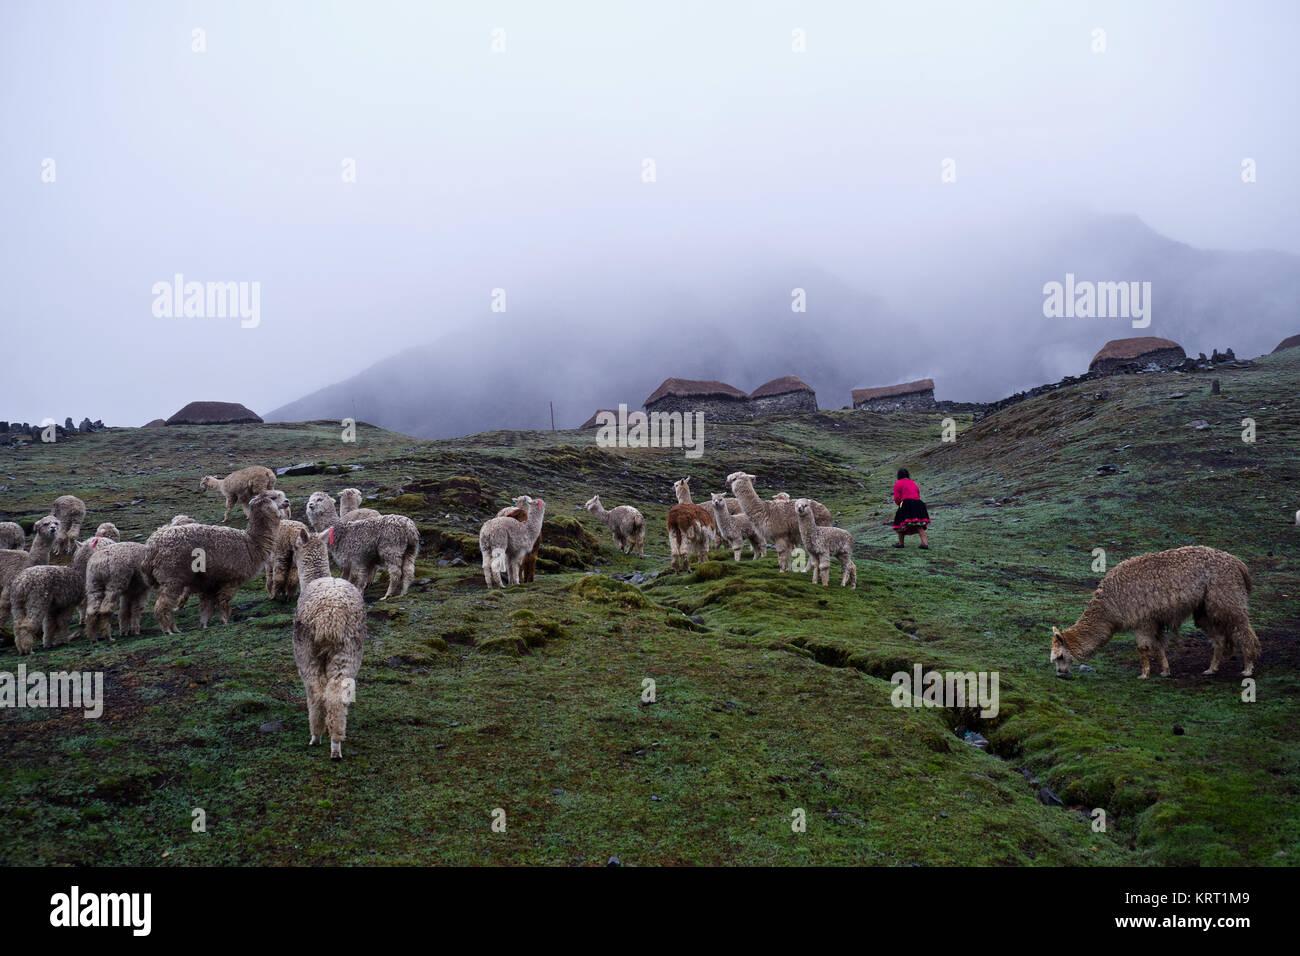 Rebaño de alpacas en Q'ero aldea en los Andes cerca del Valle Sagrado. Q'ero se consideran los antepasados Imagen De Stock